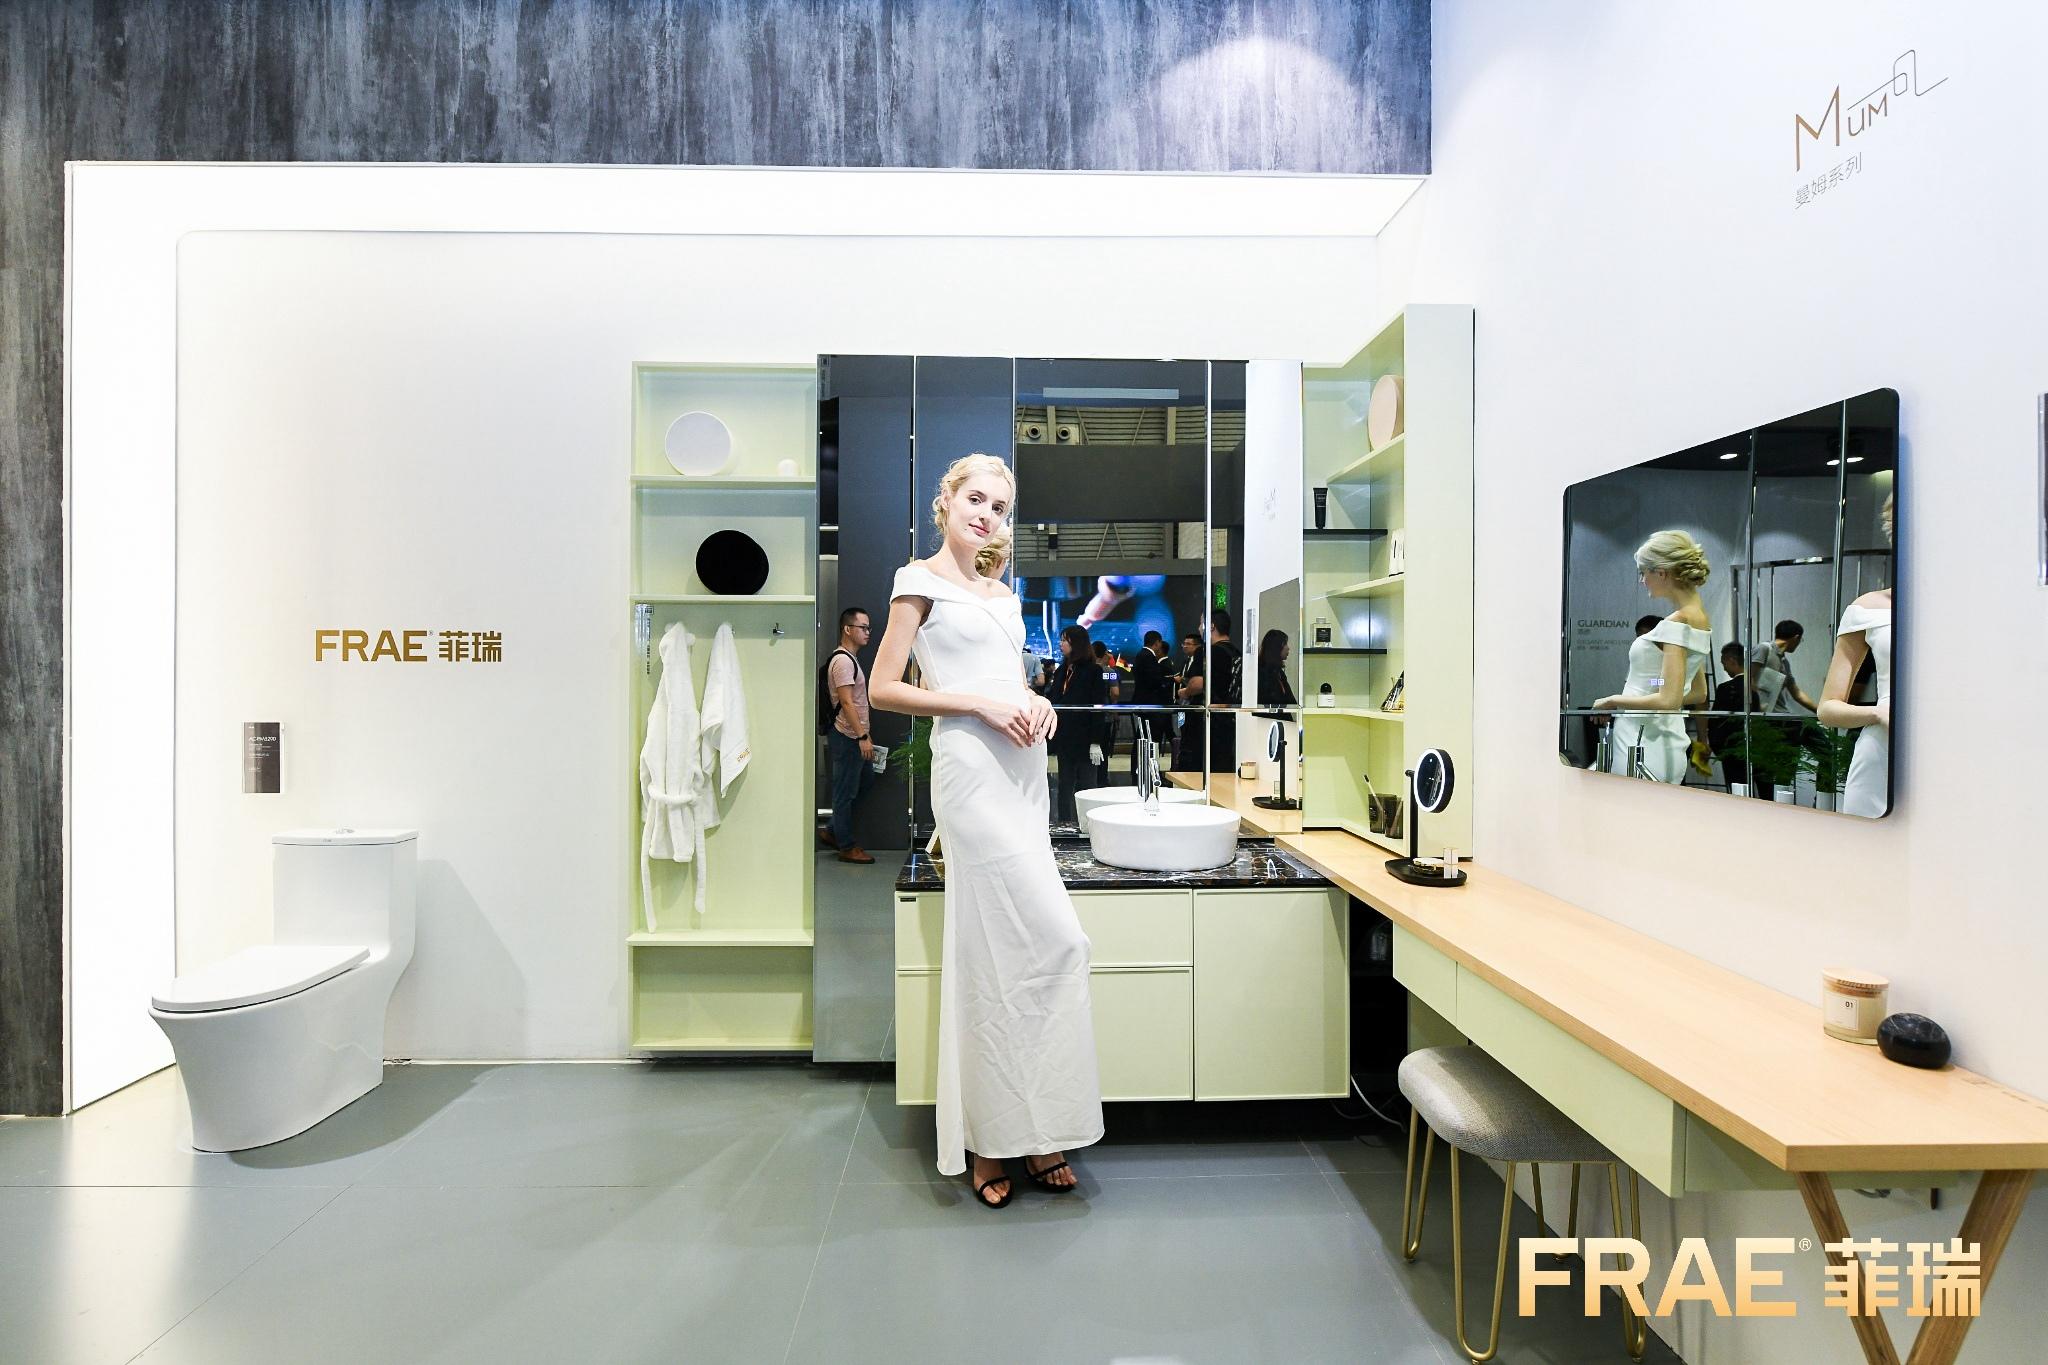 跨越新生,智领未来!菲瑞首秀新品,为你的卫生间增加一抹亮色。